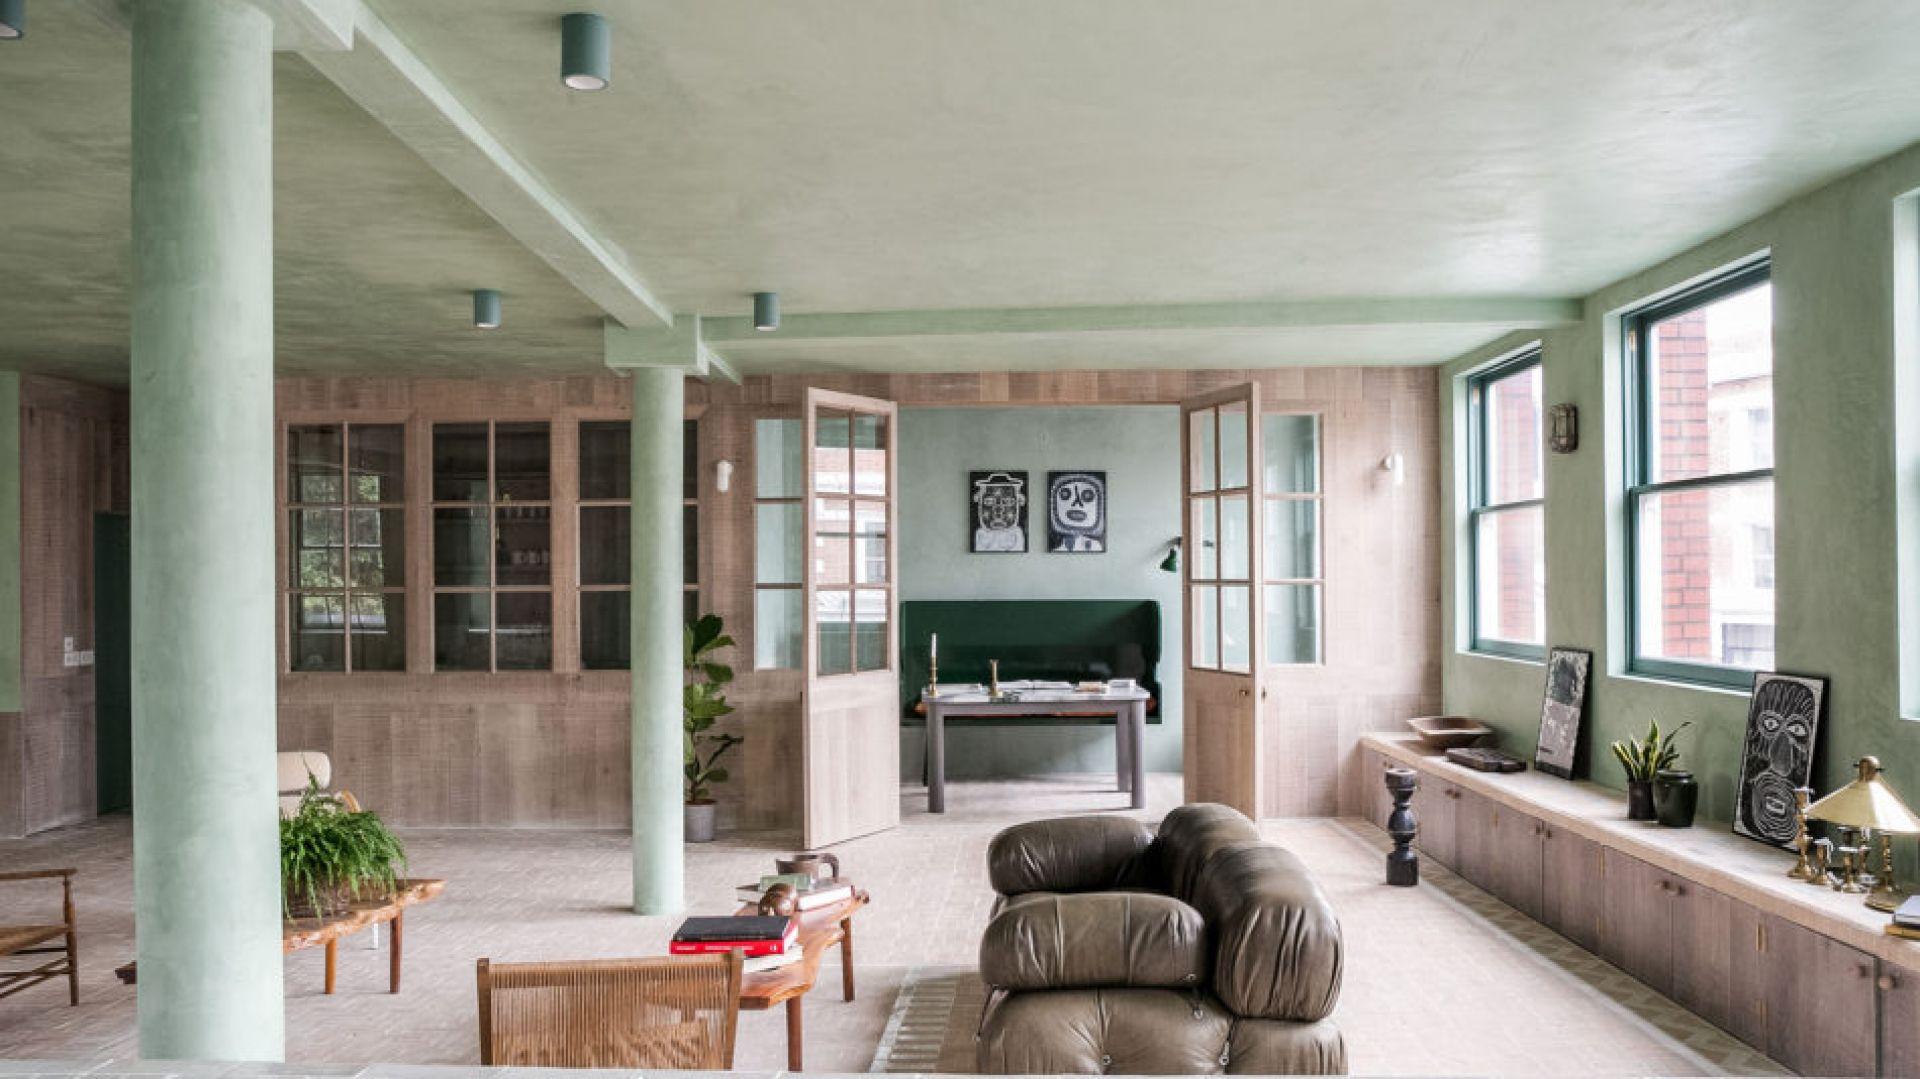 Jasnozielone ściany tego loftowegomieszkania nawiązują do drzew znajdujących się w okolicy. Fot. Chan and Eayrs